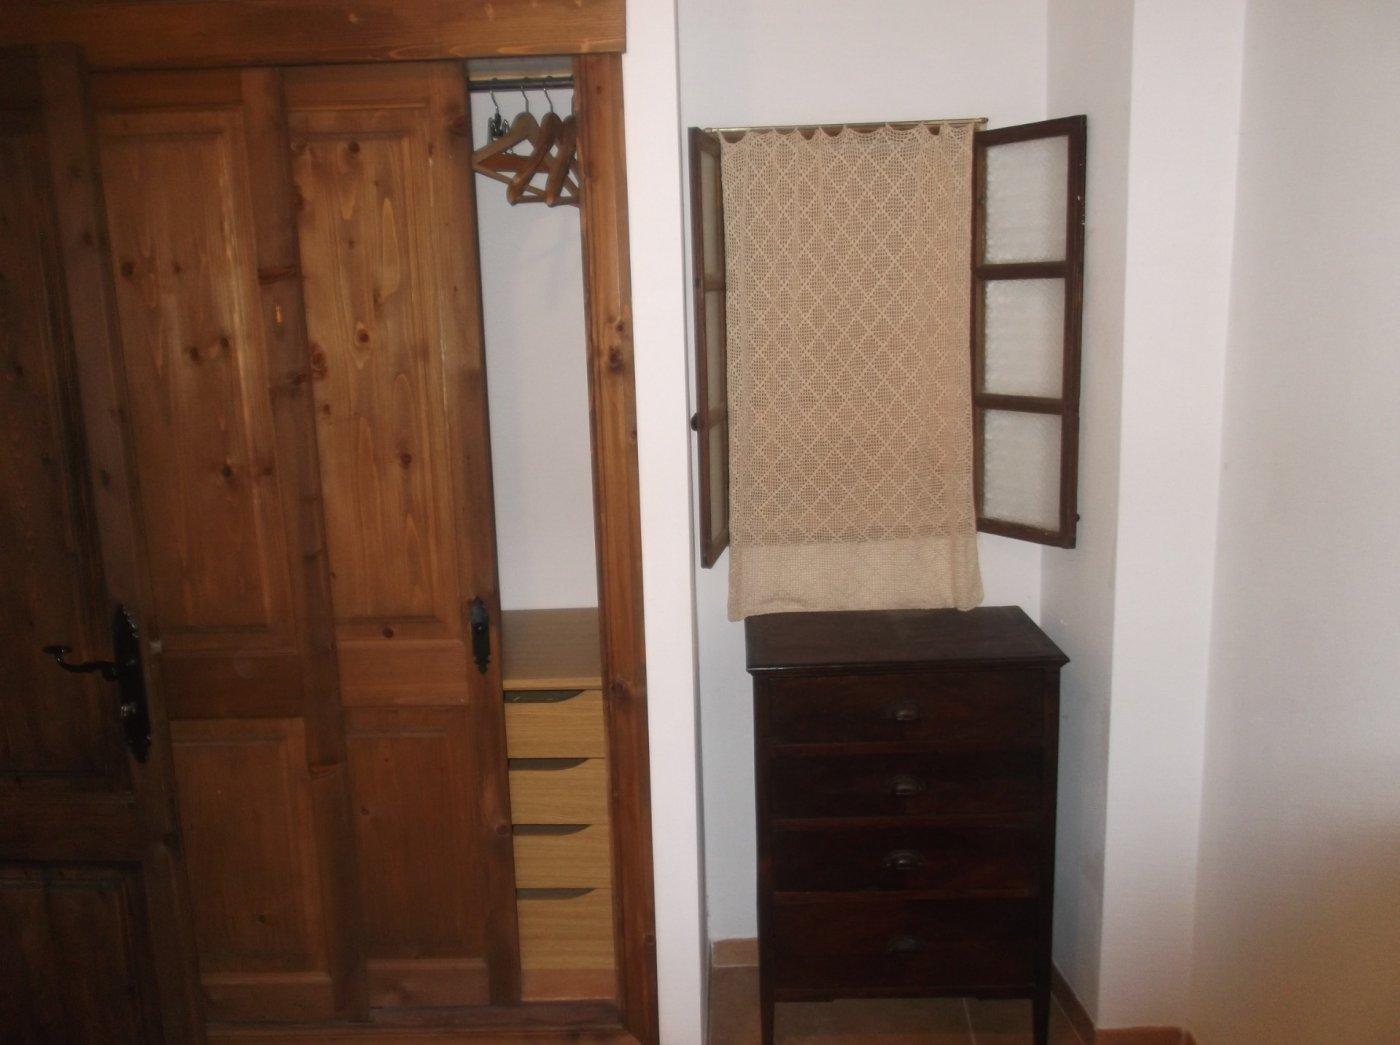 En venta casa de pueblo reformada 3 alturas estilo mallorquin centro llucmajor - imagenInmueble18